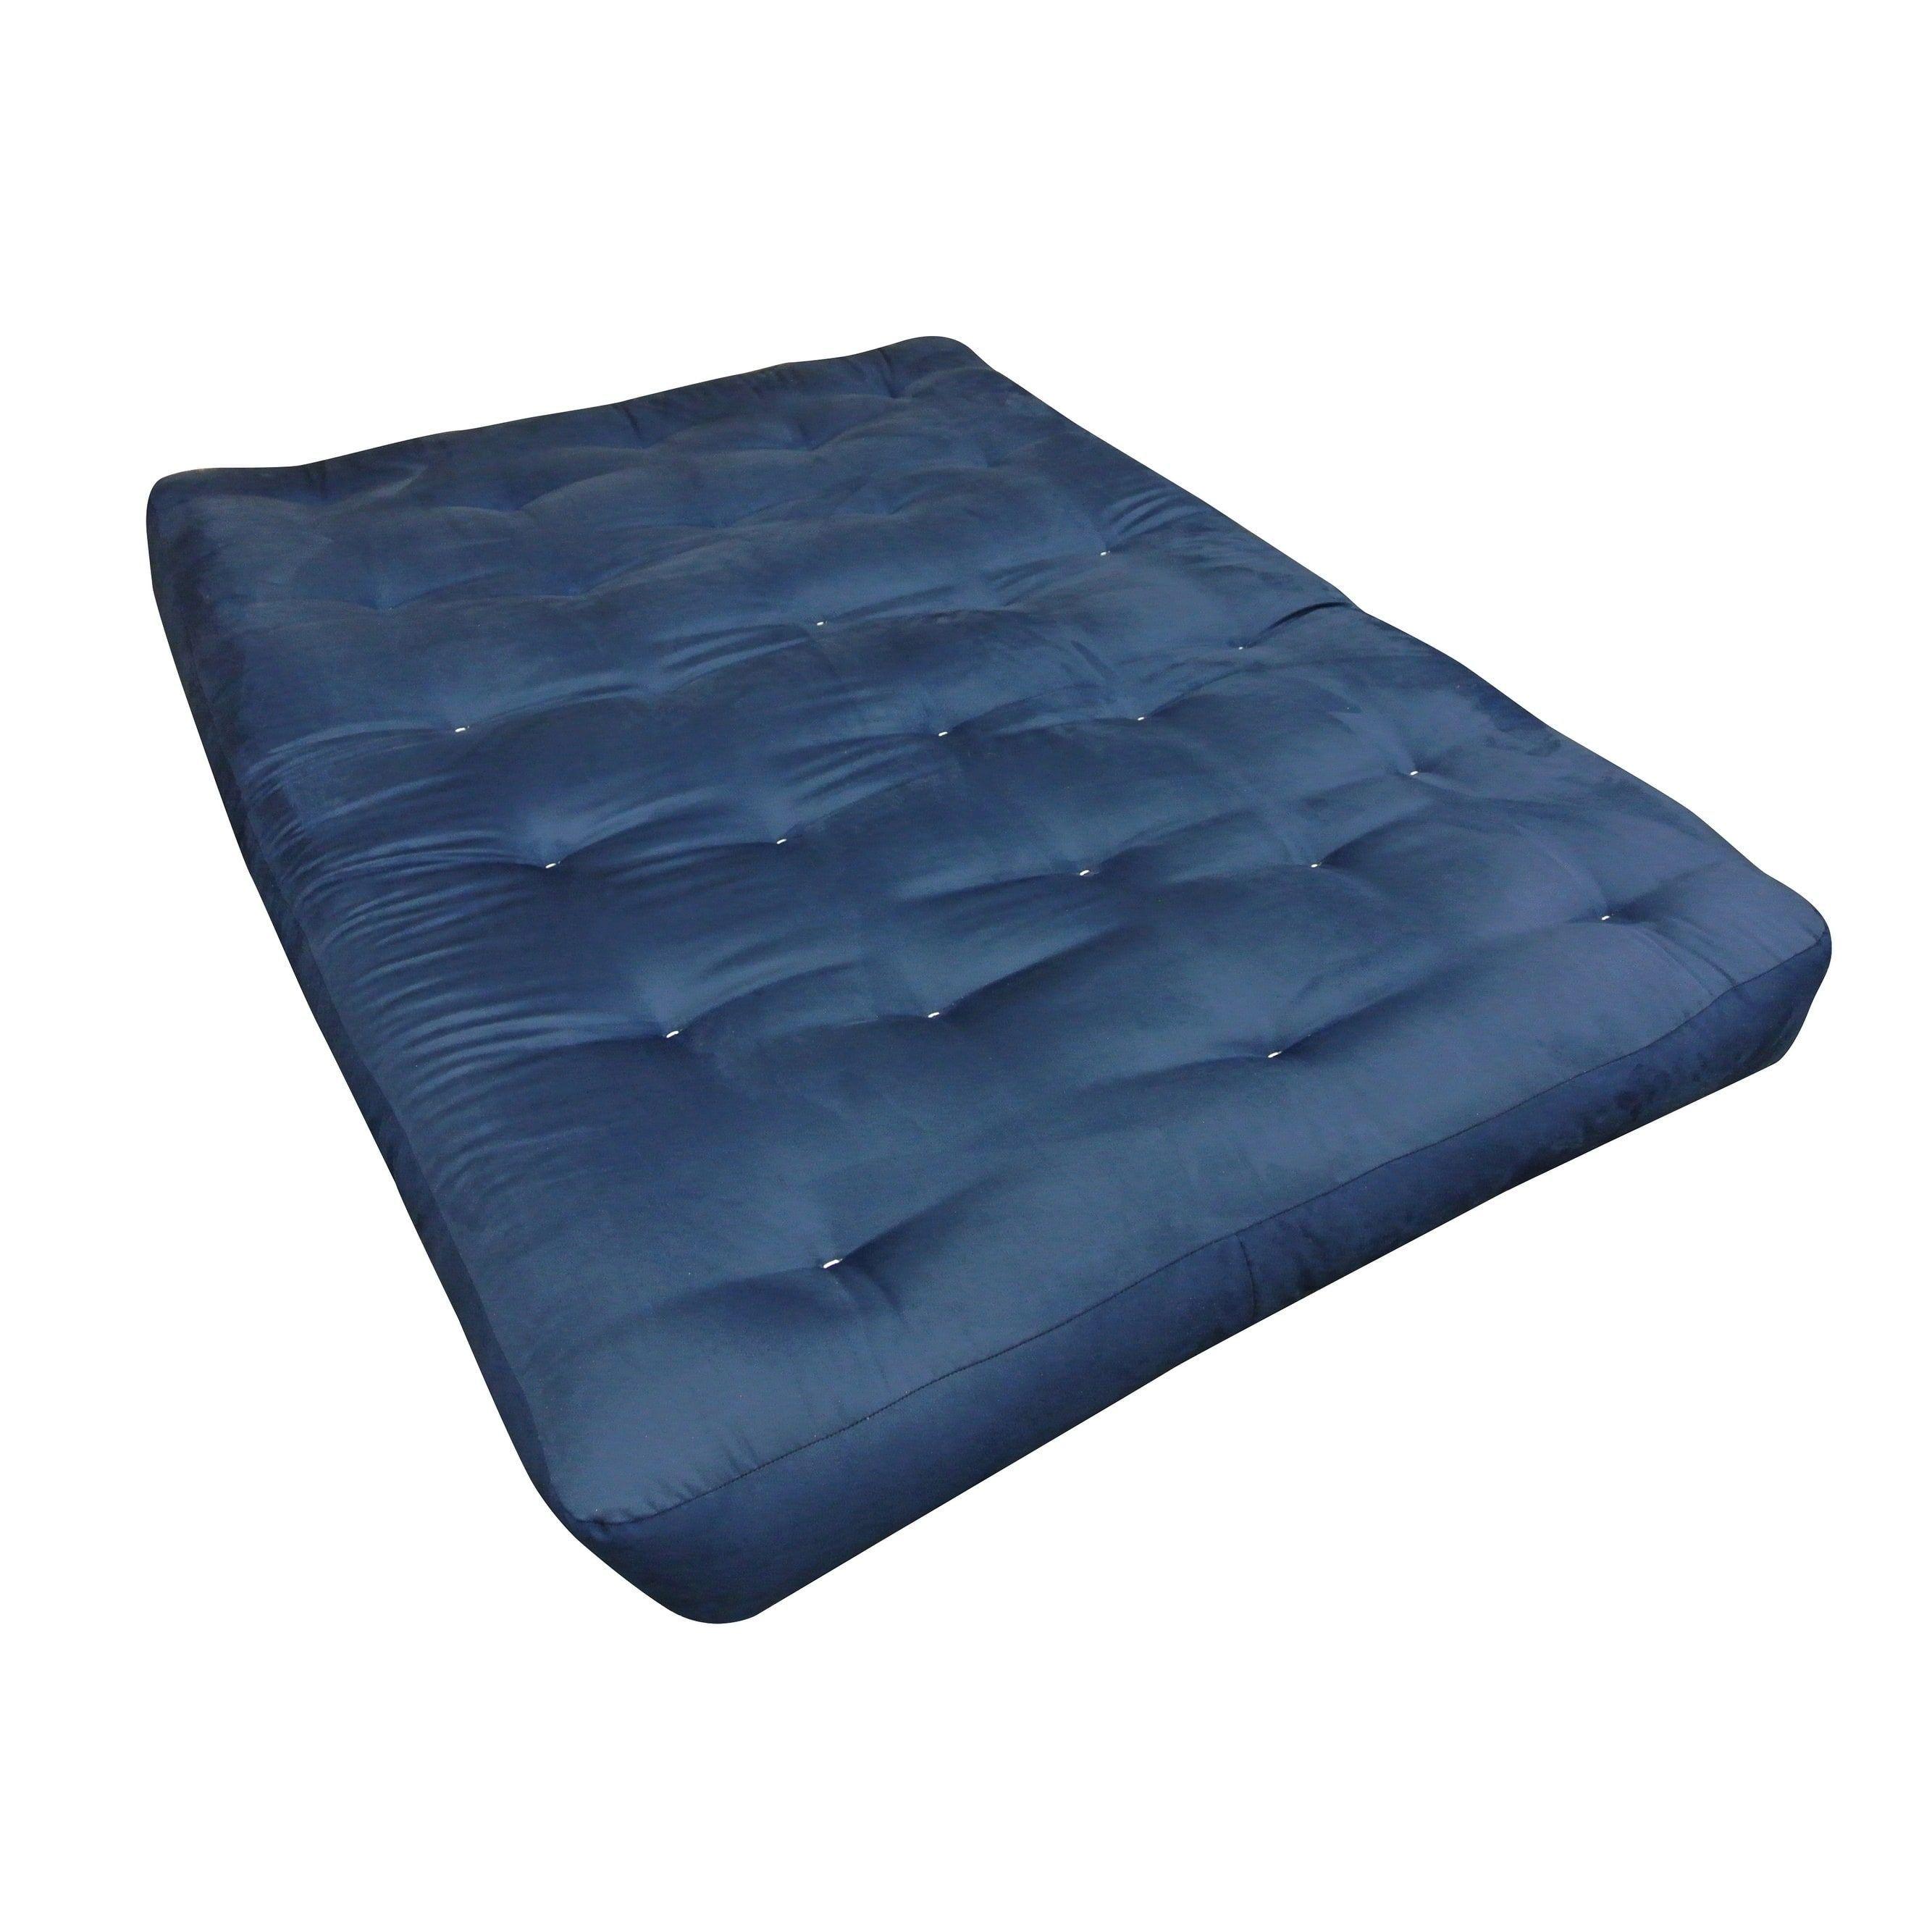 9 triple foam and cotton 21x39 twin loveseat ottoman blue microfiber futon mattress  blue   9 triple foam and cotton 21x39 twin loveseat ottoman blue      rh   pinterest